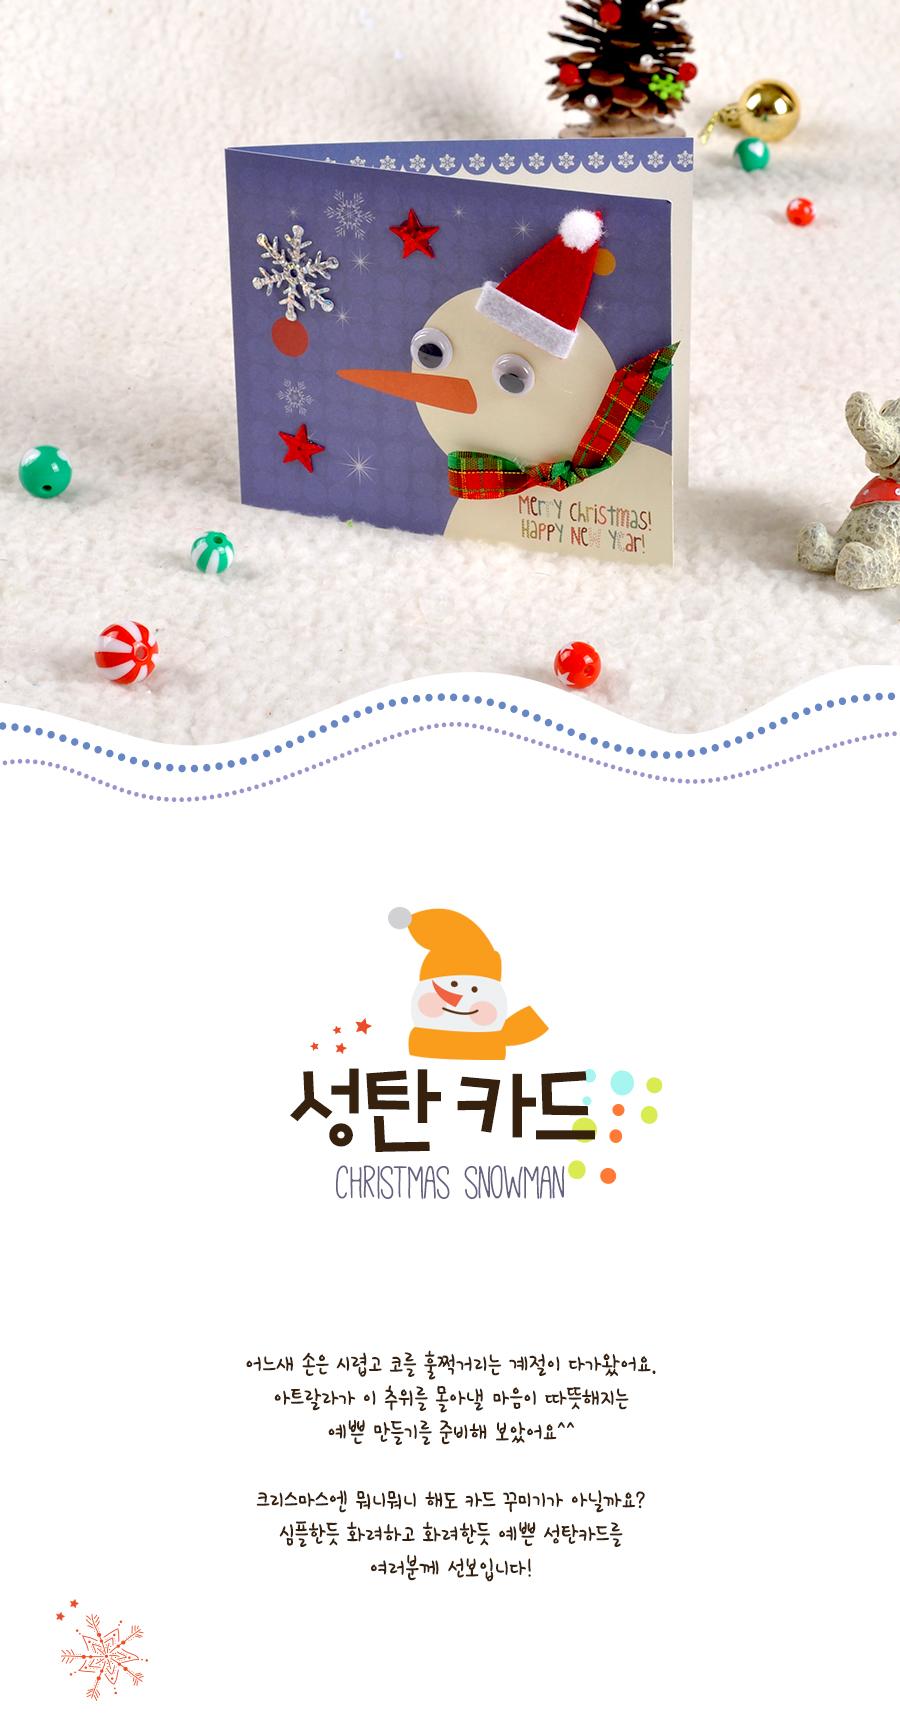 성탄 카드만들기(눈사람) (5인용) - 아트랄라, 7,100원, 카드, 크리스마스 카드